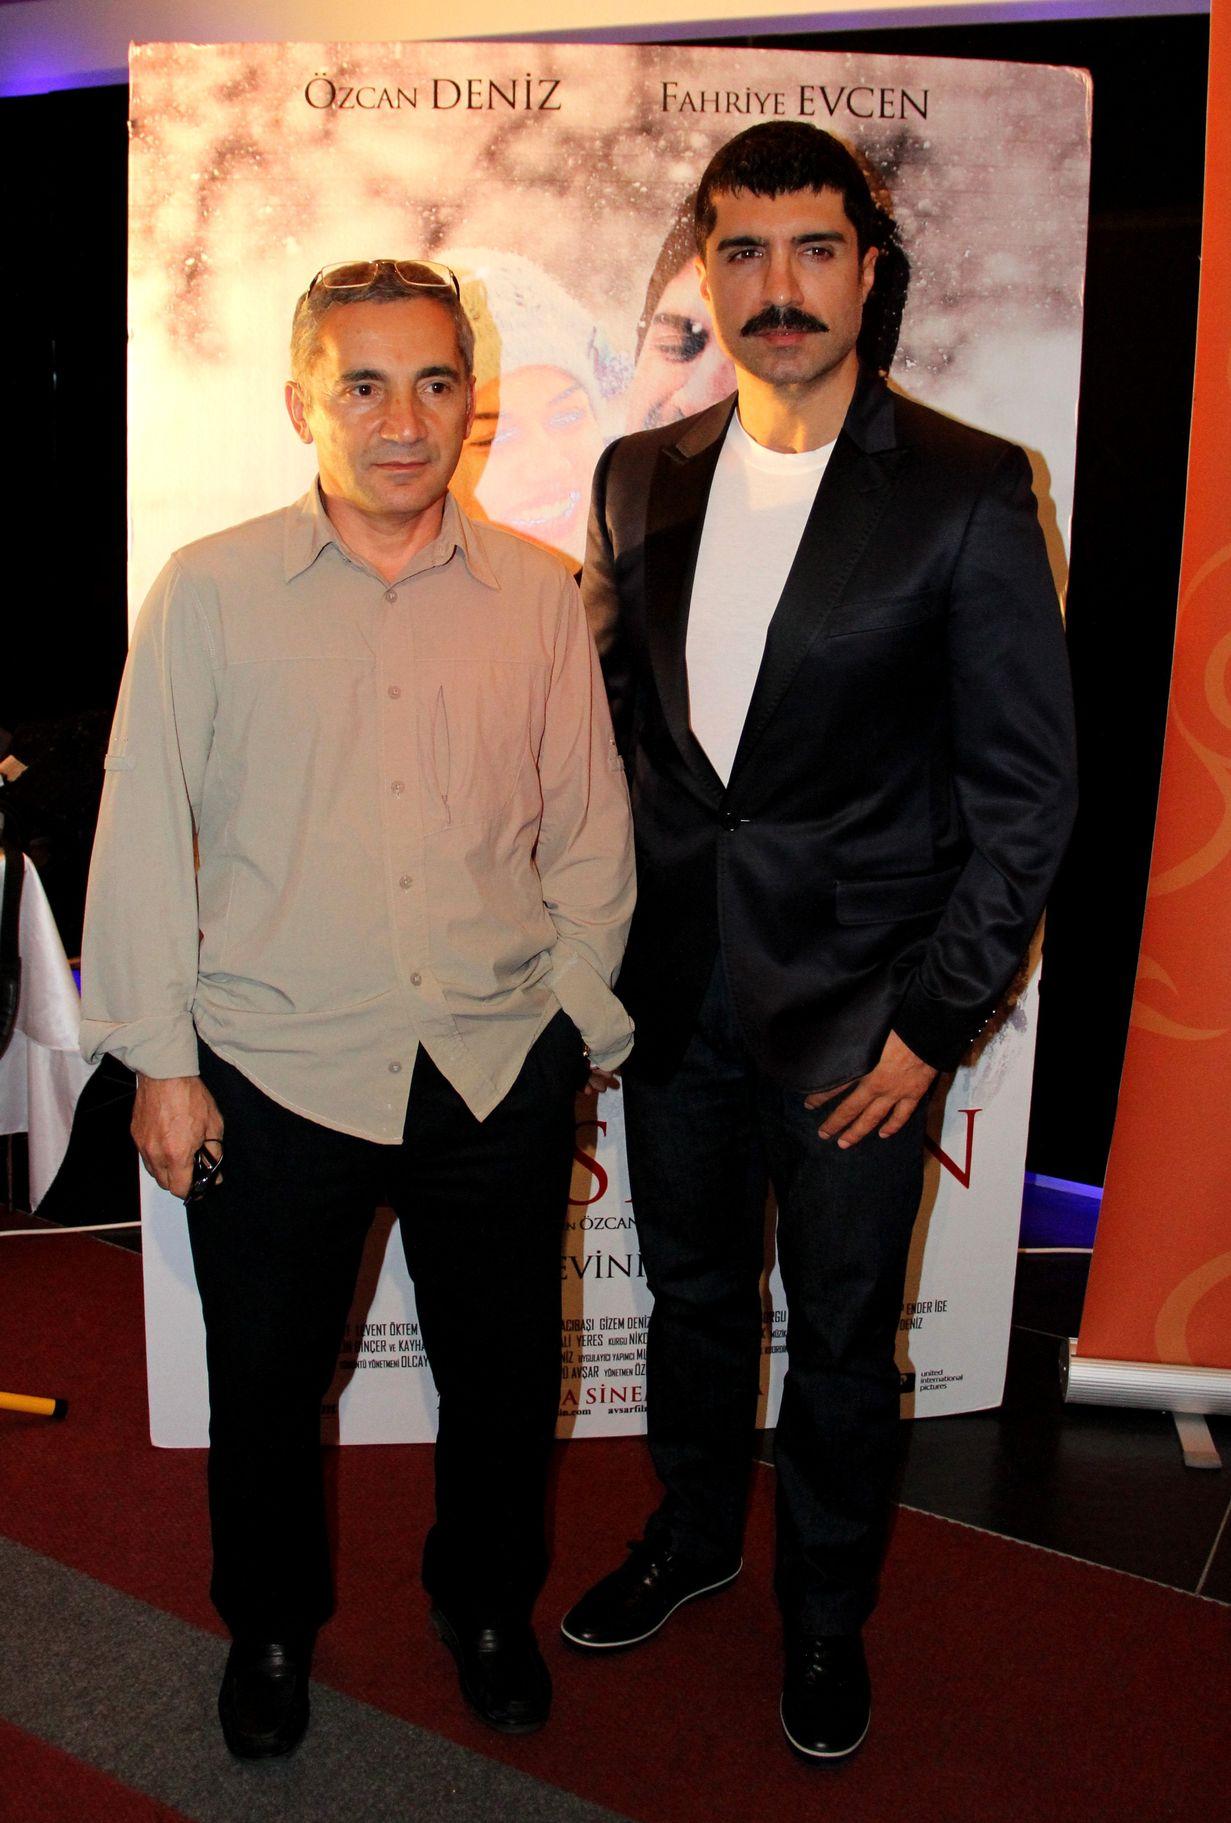 Şükrü Avşar, 'Evim Sensin', 'Su ve Ateş', 'Sevimli Tehlikeli' ve 'Öteki Taraf'ta ortak yapımcı olduğu Özcan Deniz'in kendi tarzını oluşturmasında önemli rol oynadı.